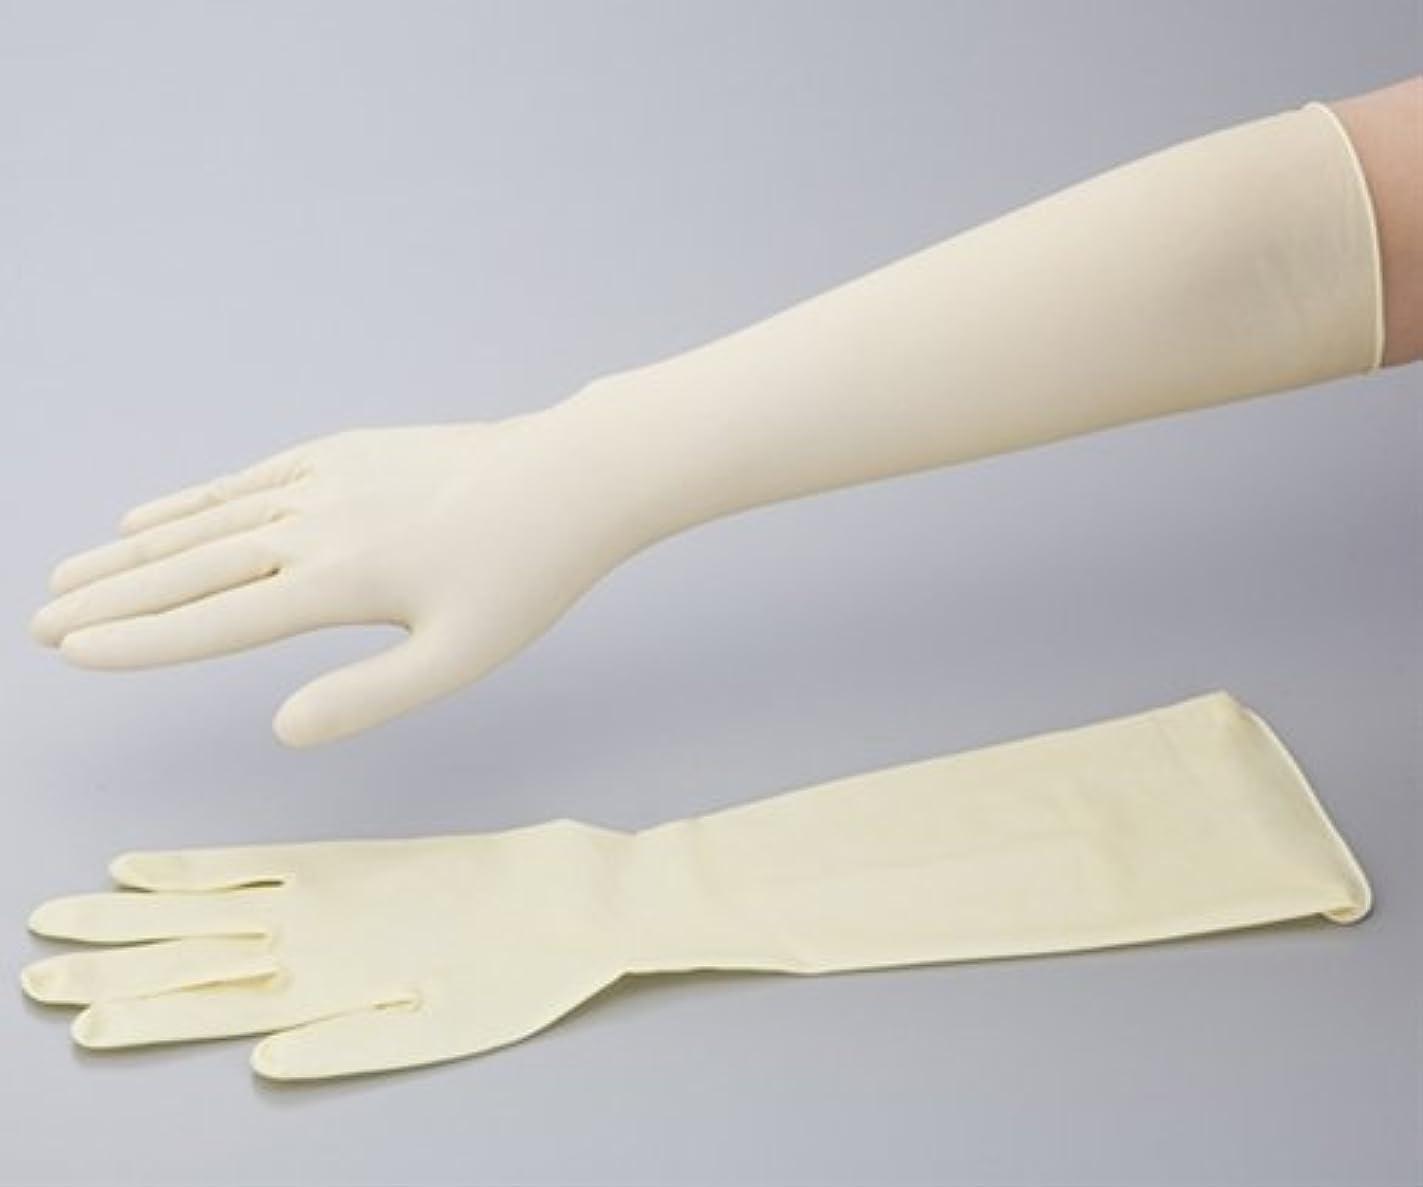 意志に反する犯すデクリメントラテックスロング手袋(スーパーロング)γ線滅菌済 S 50枚入り /0-6111-03